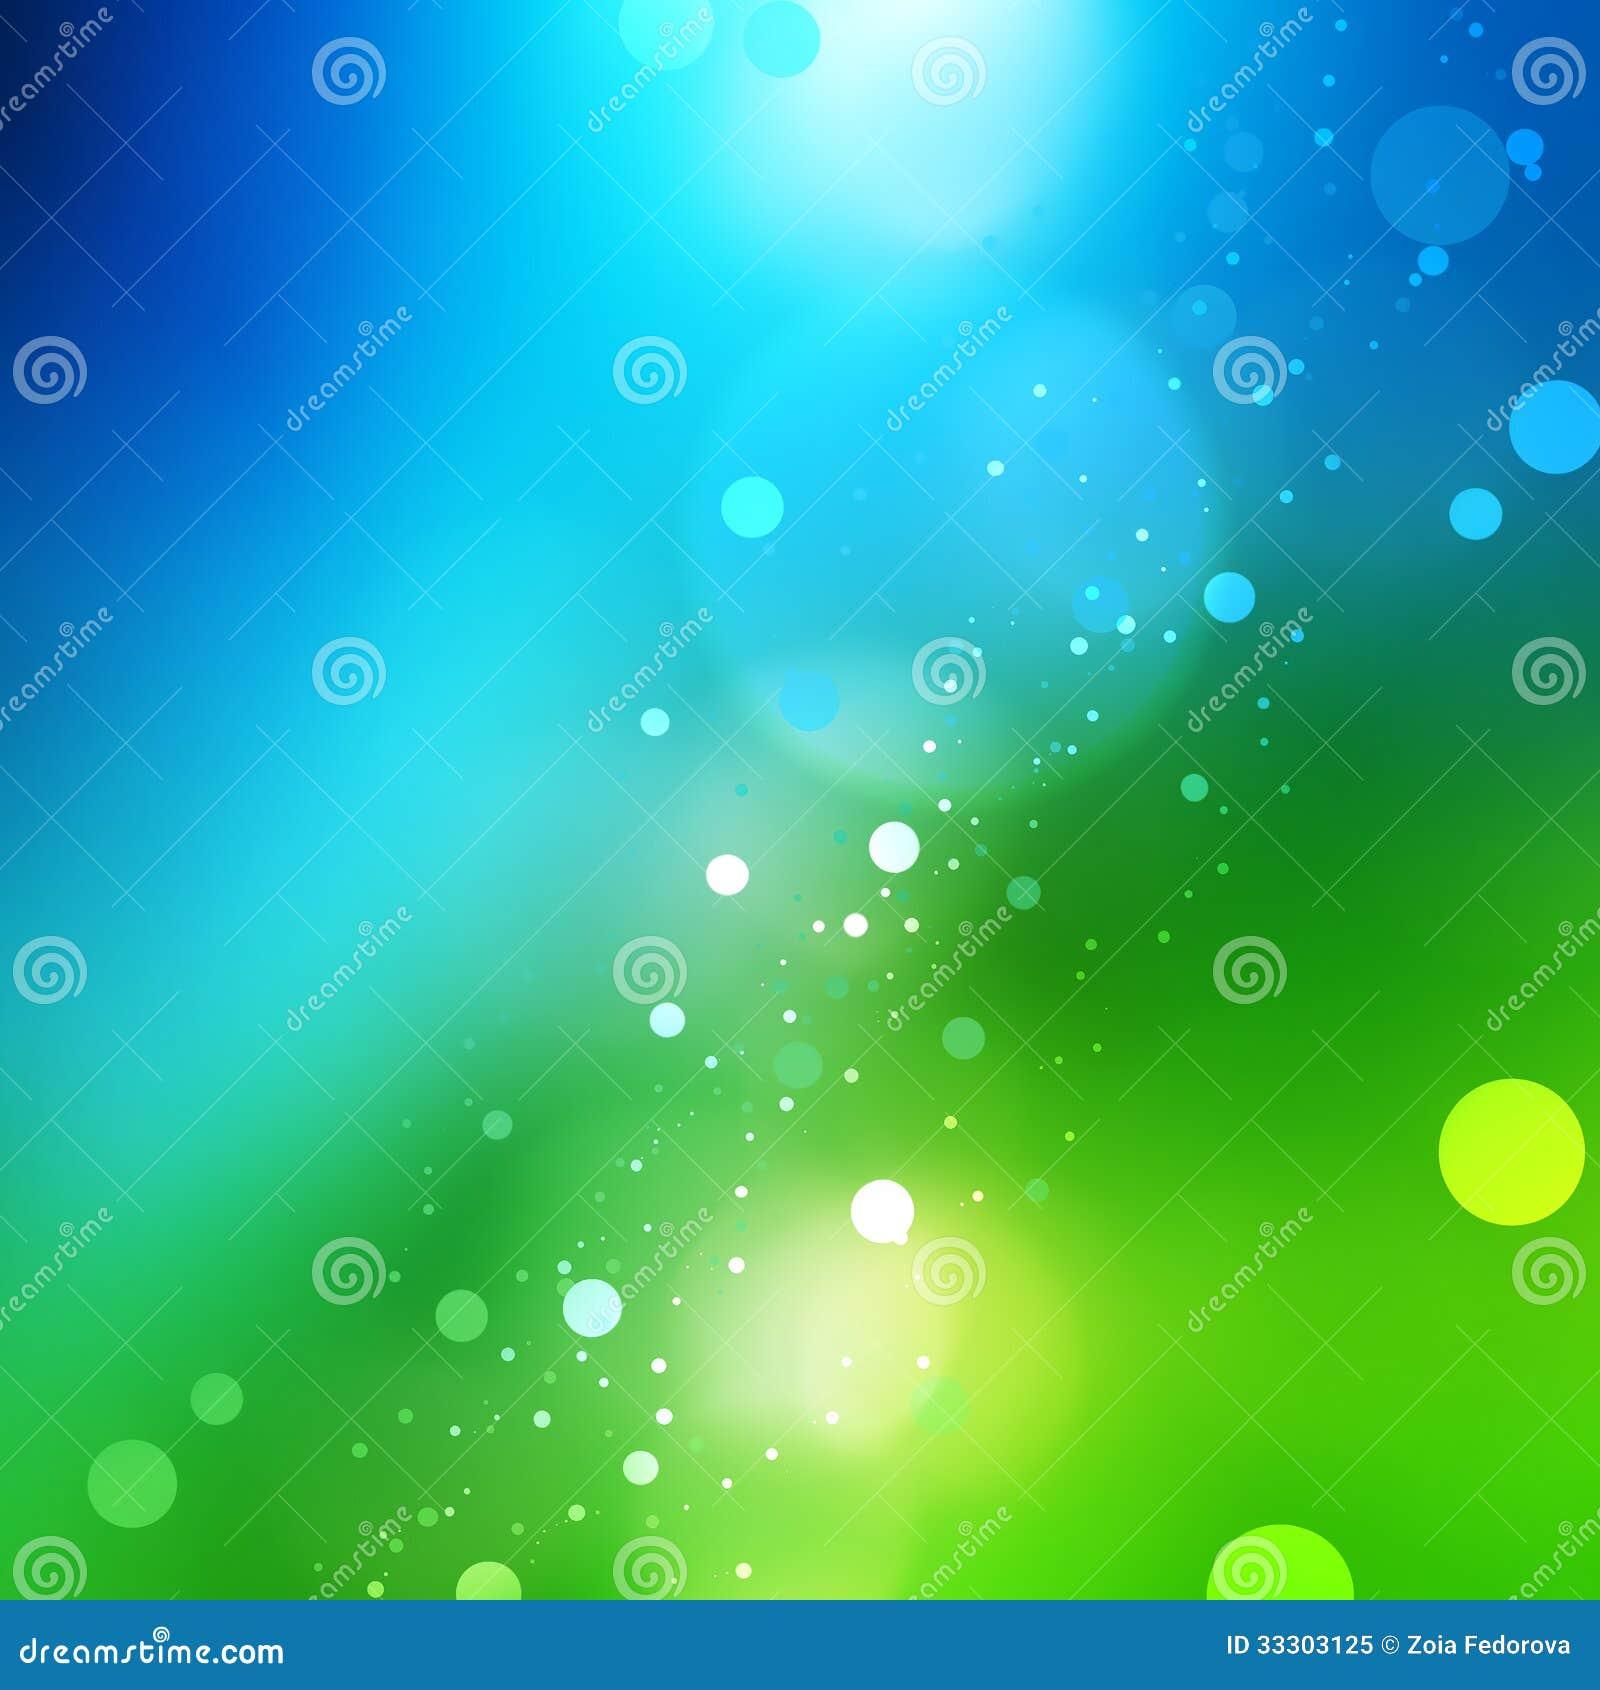 mr green app